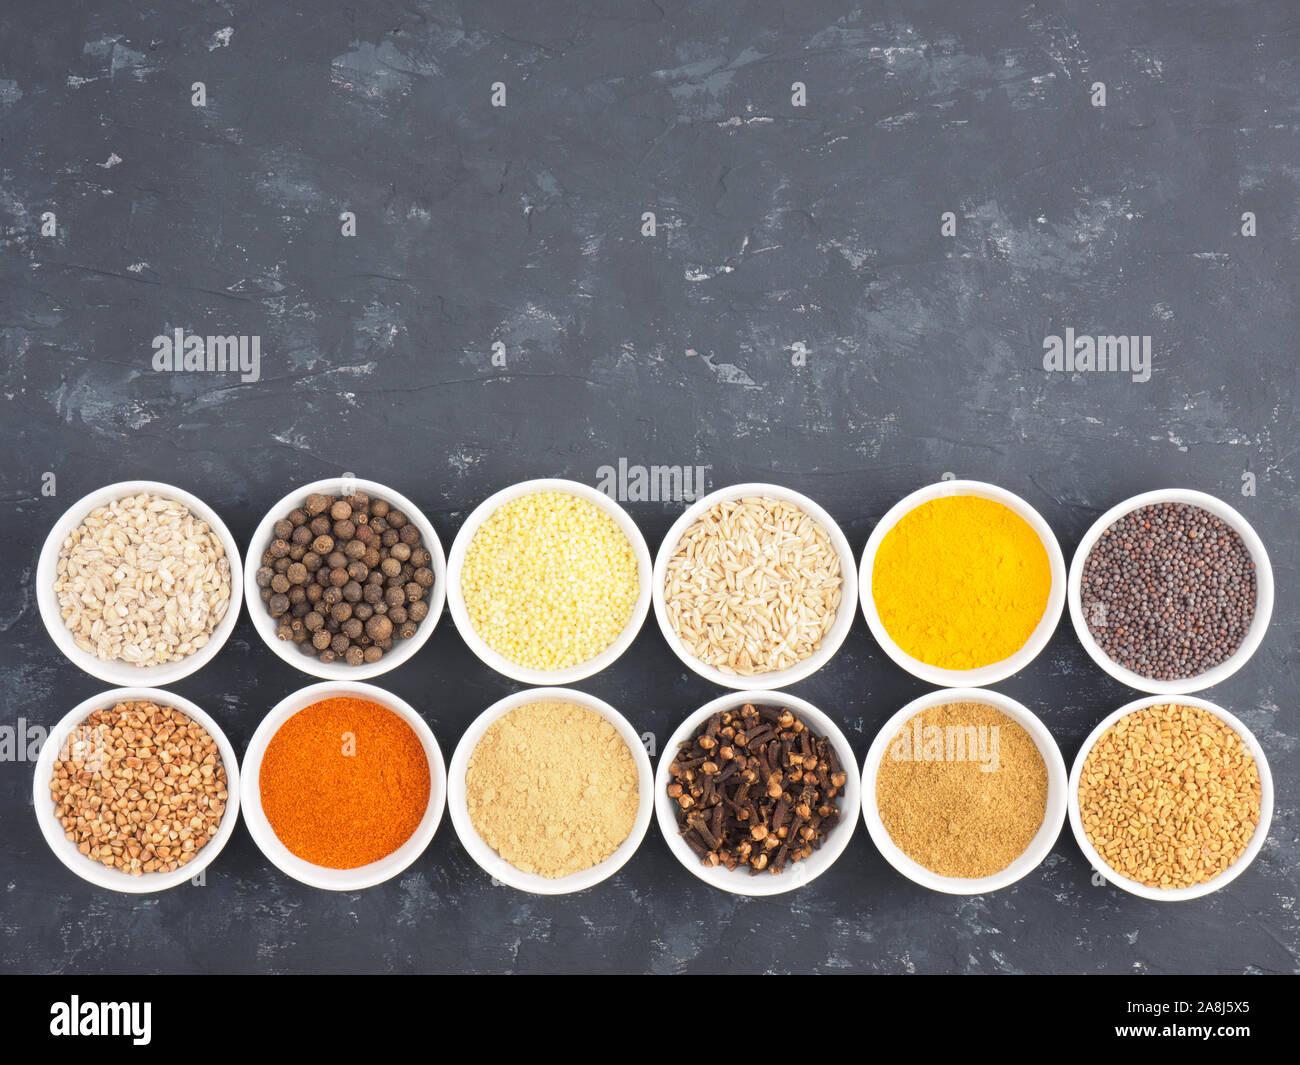 Le sarrasin, le millet, le piment, le fenouil, l'avoine, le poivre piment, masala, fenugrec, girofle, curcuma, cumin, graines de moutarde, la cardamome verte en blanc bols sur bl Banque D'Images